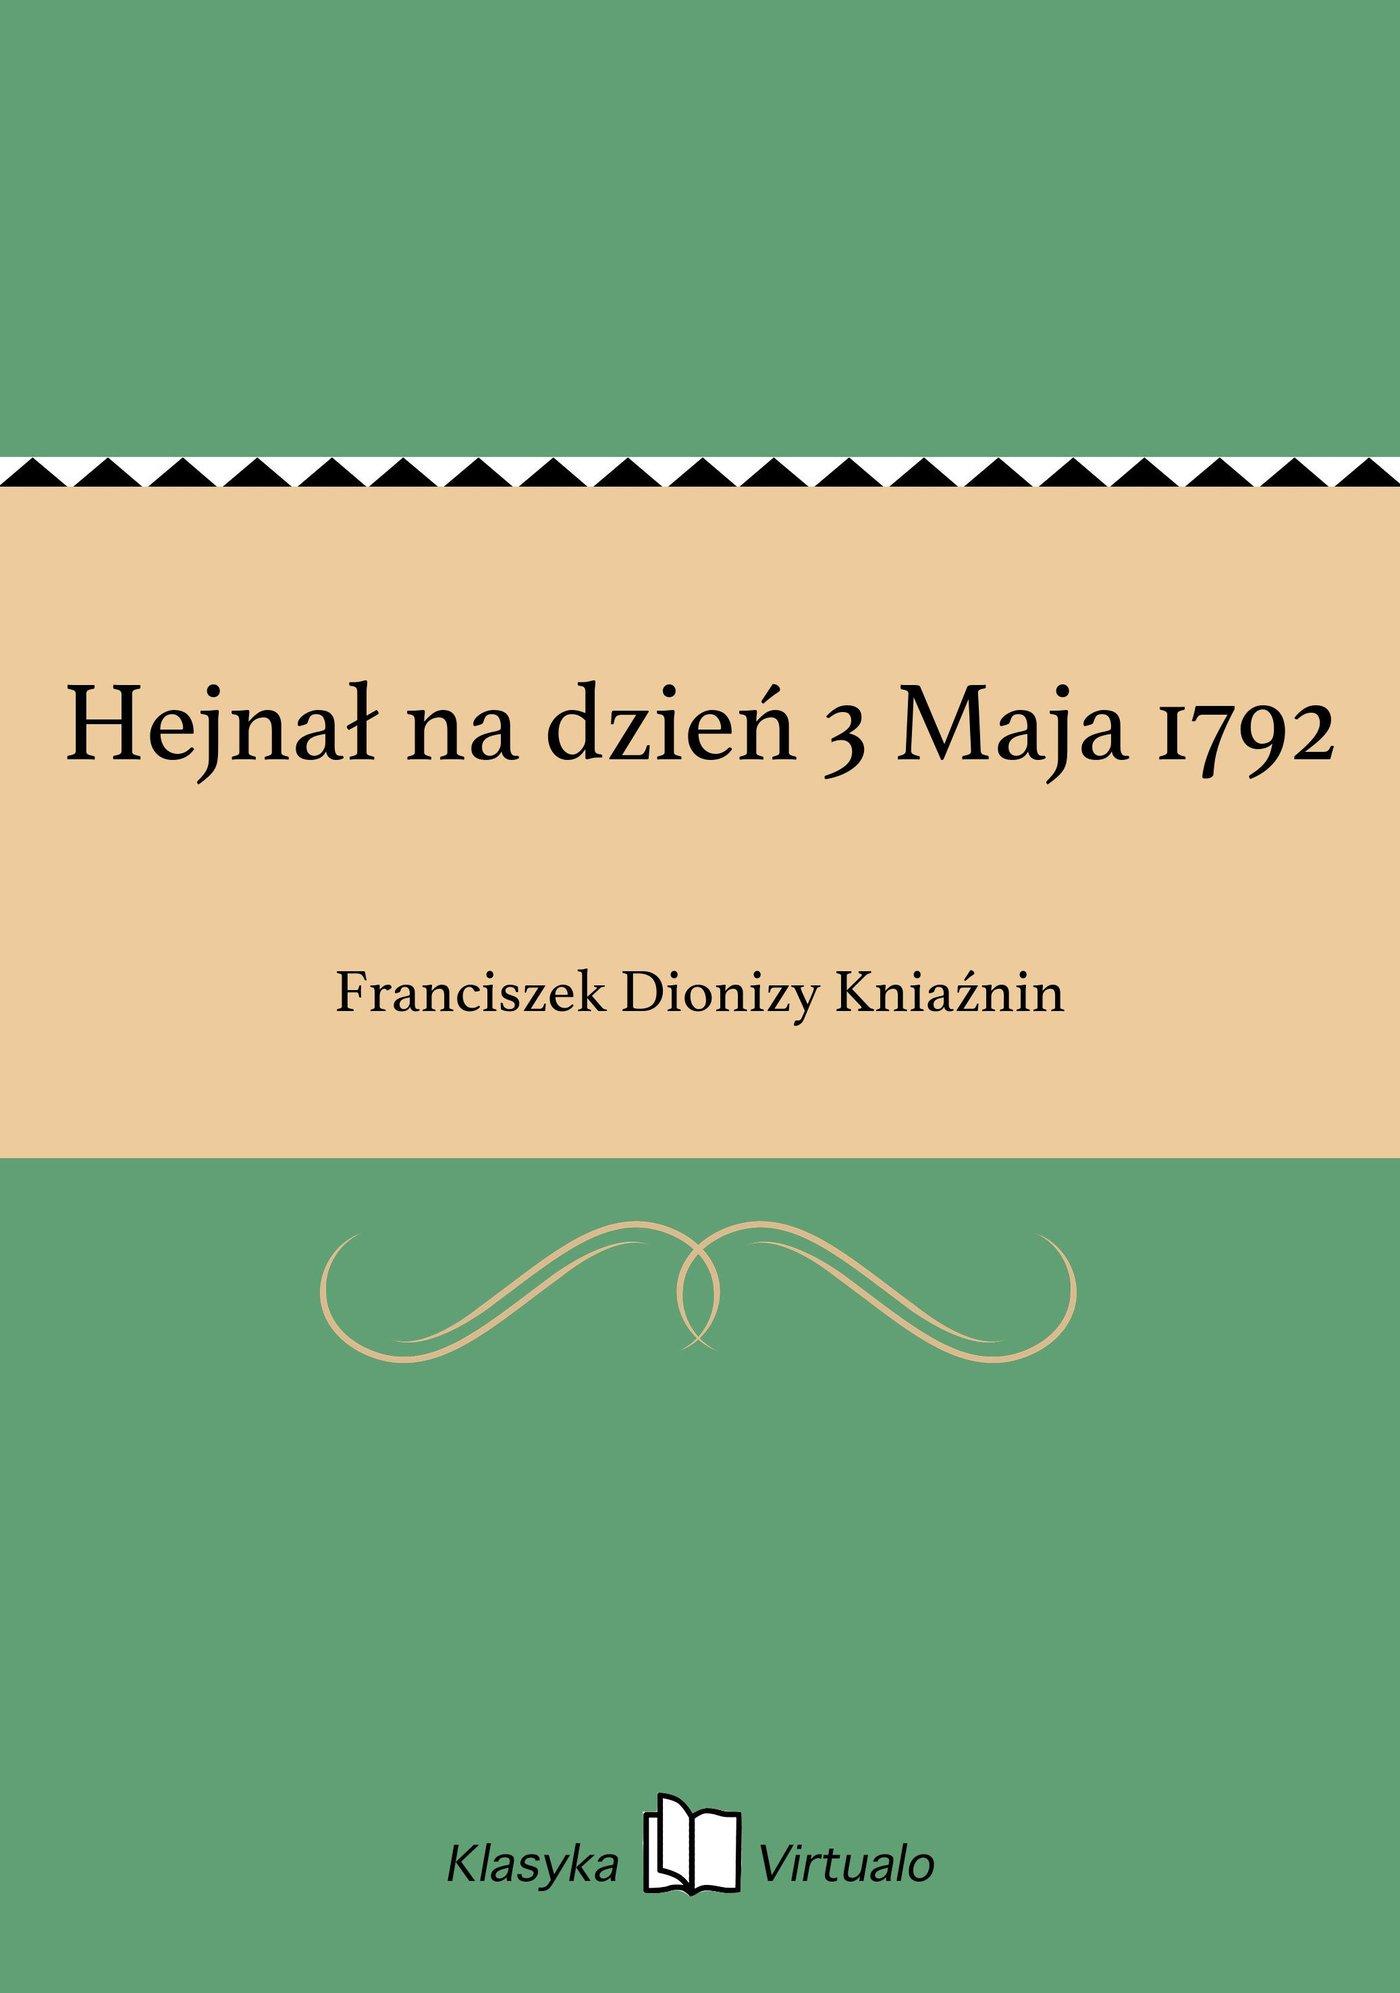 Hejnał na dzień 3 Maja 1792 - Ebook (Książka na Kindle) do pobrania w formacie MOBI